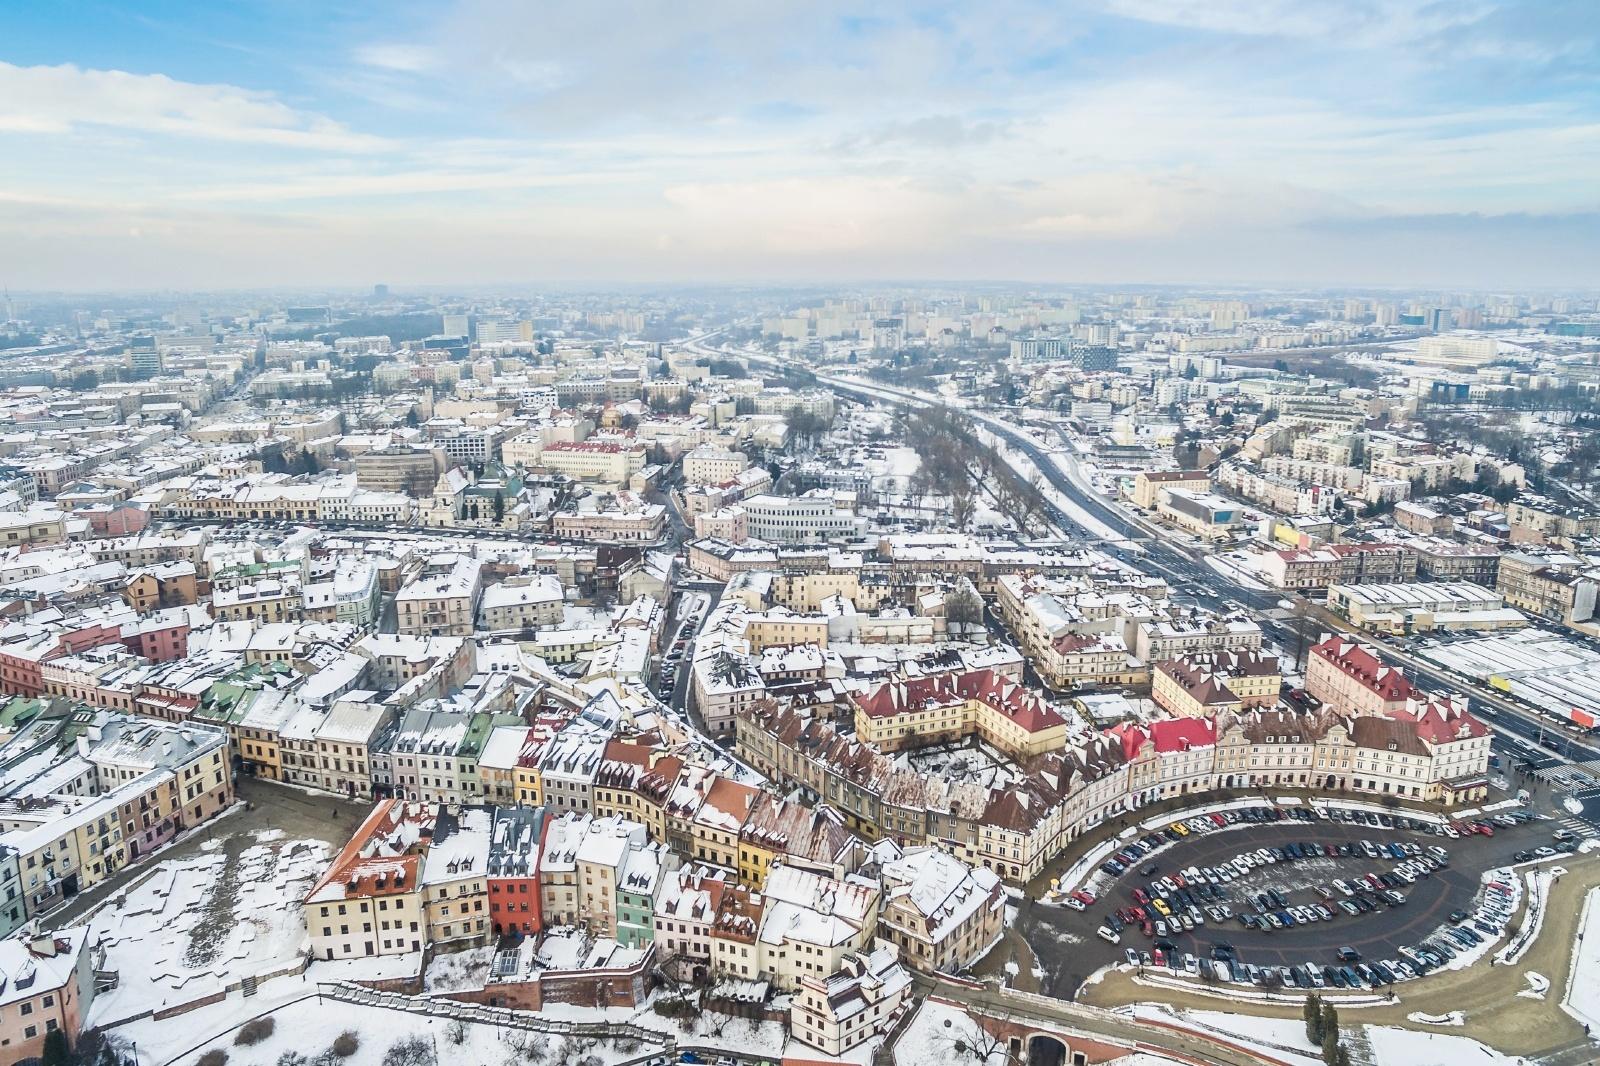 ルブリンの冬の風景